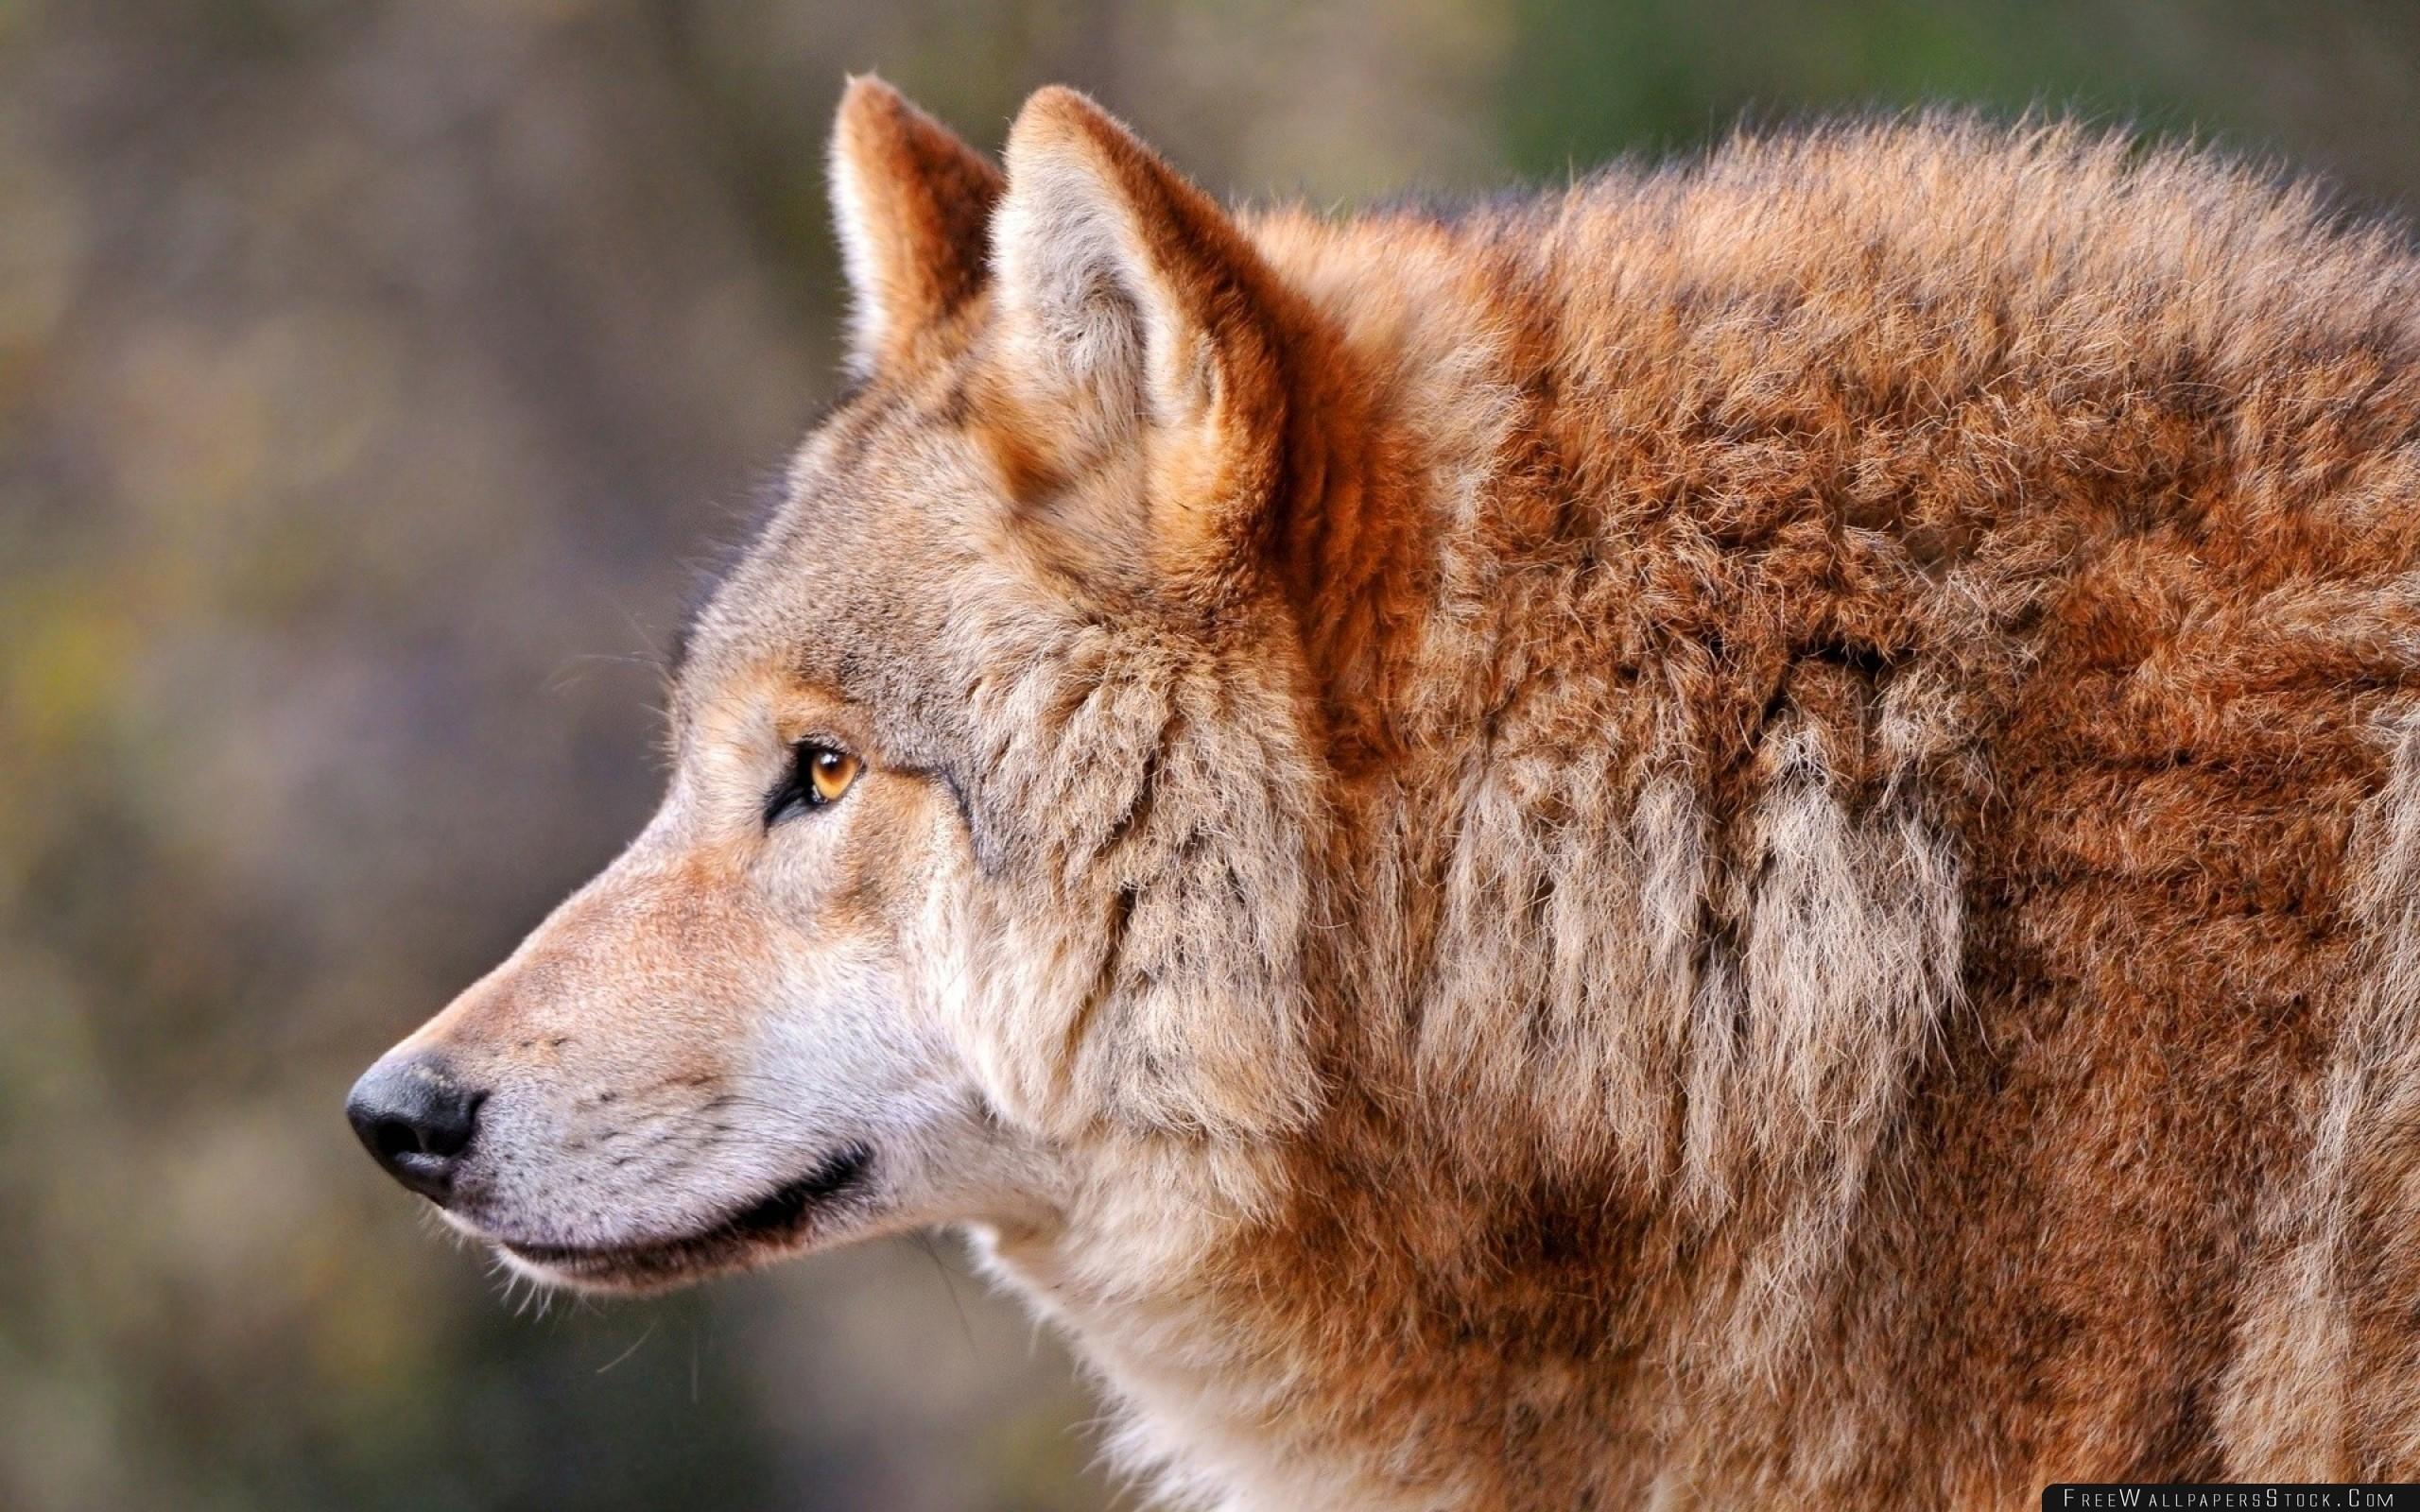 Download Free Wallpaper Wolf Profile Animal Predator Dog